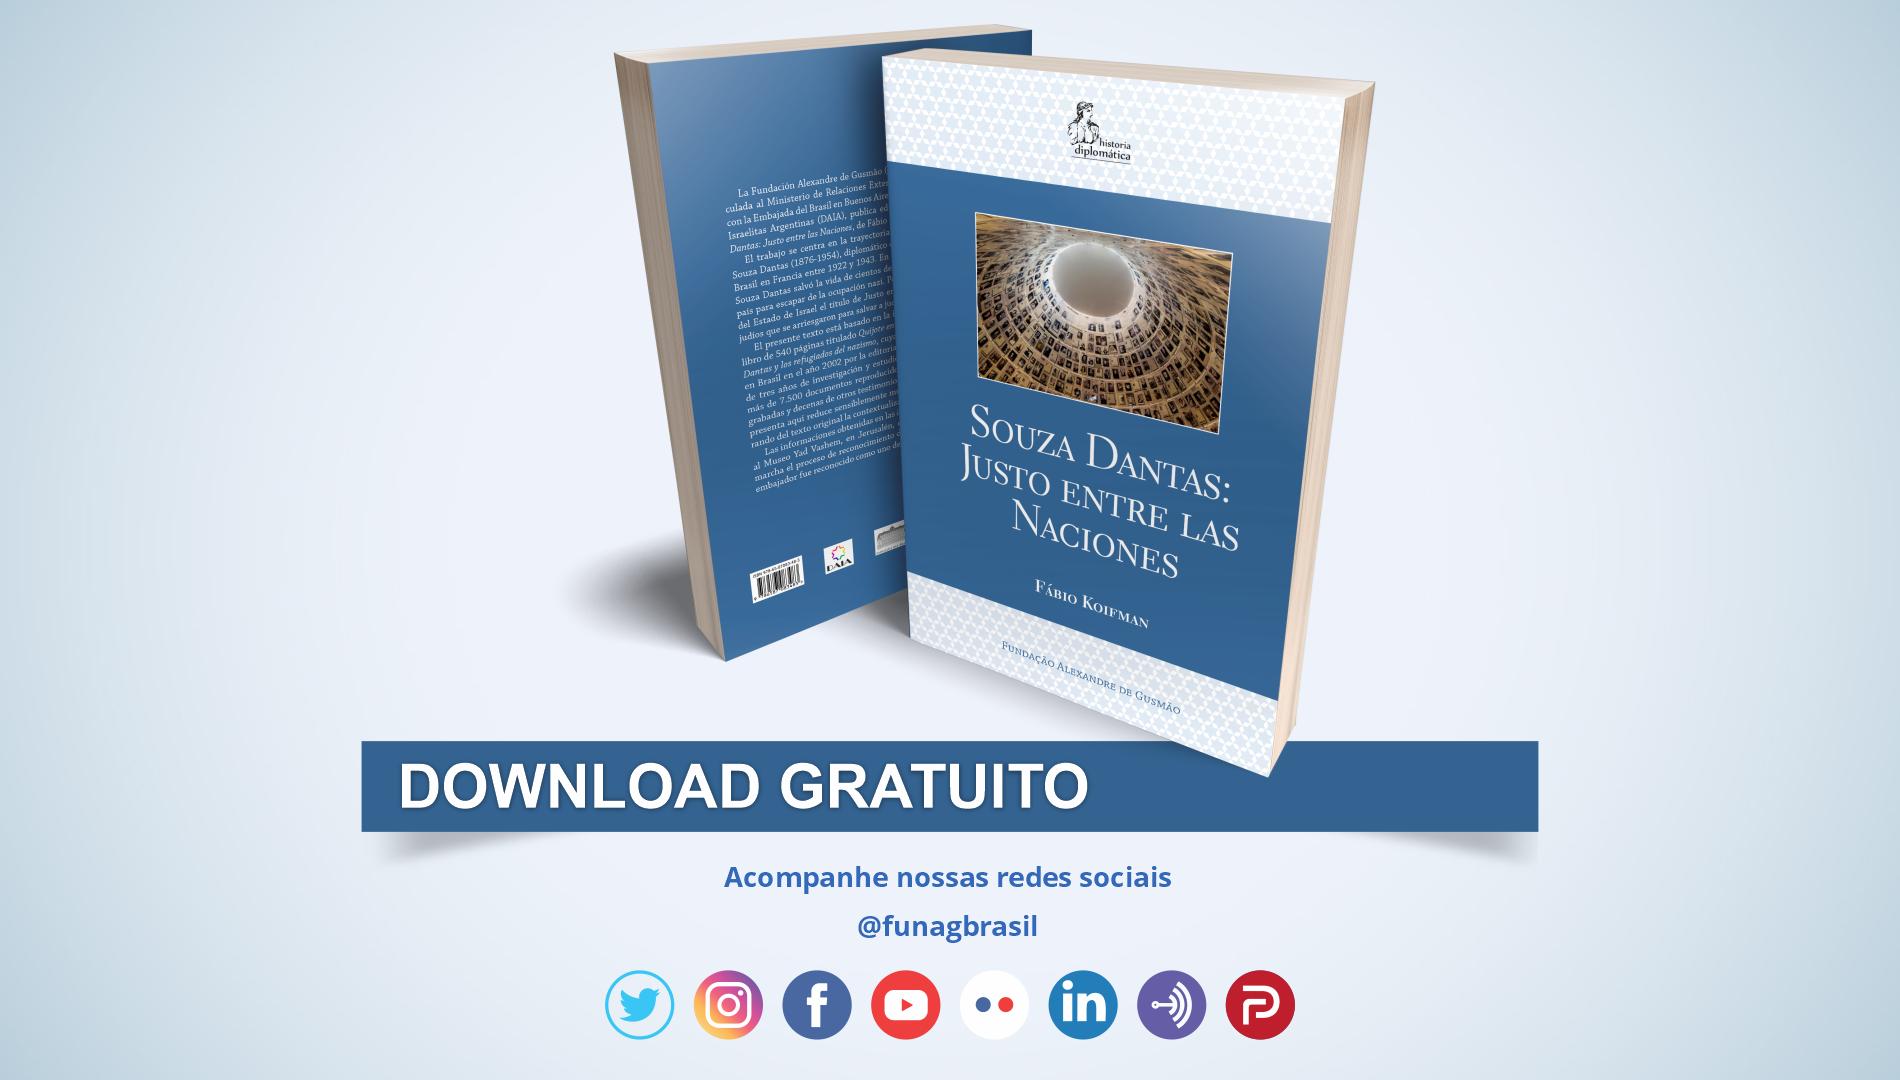 FUNAG lança edição em espanhol de livro sobre Souza Dantas